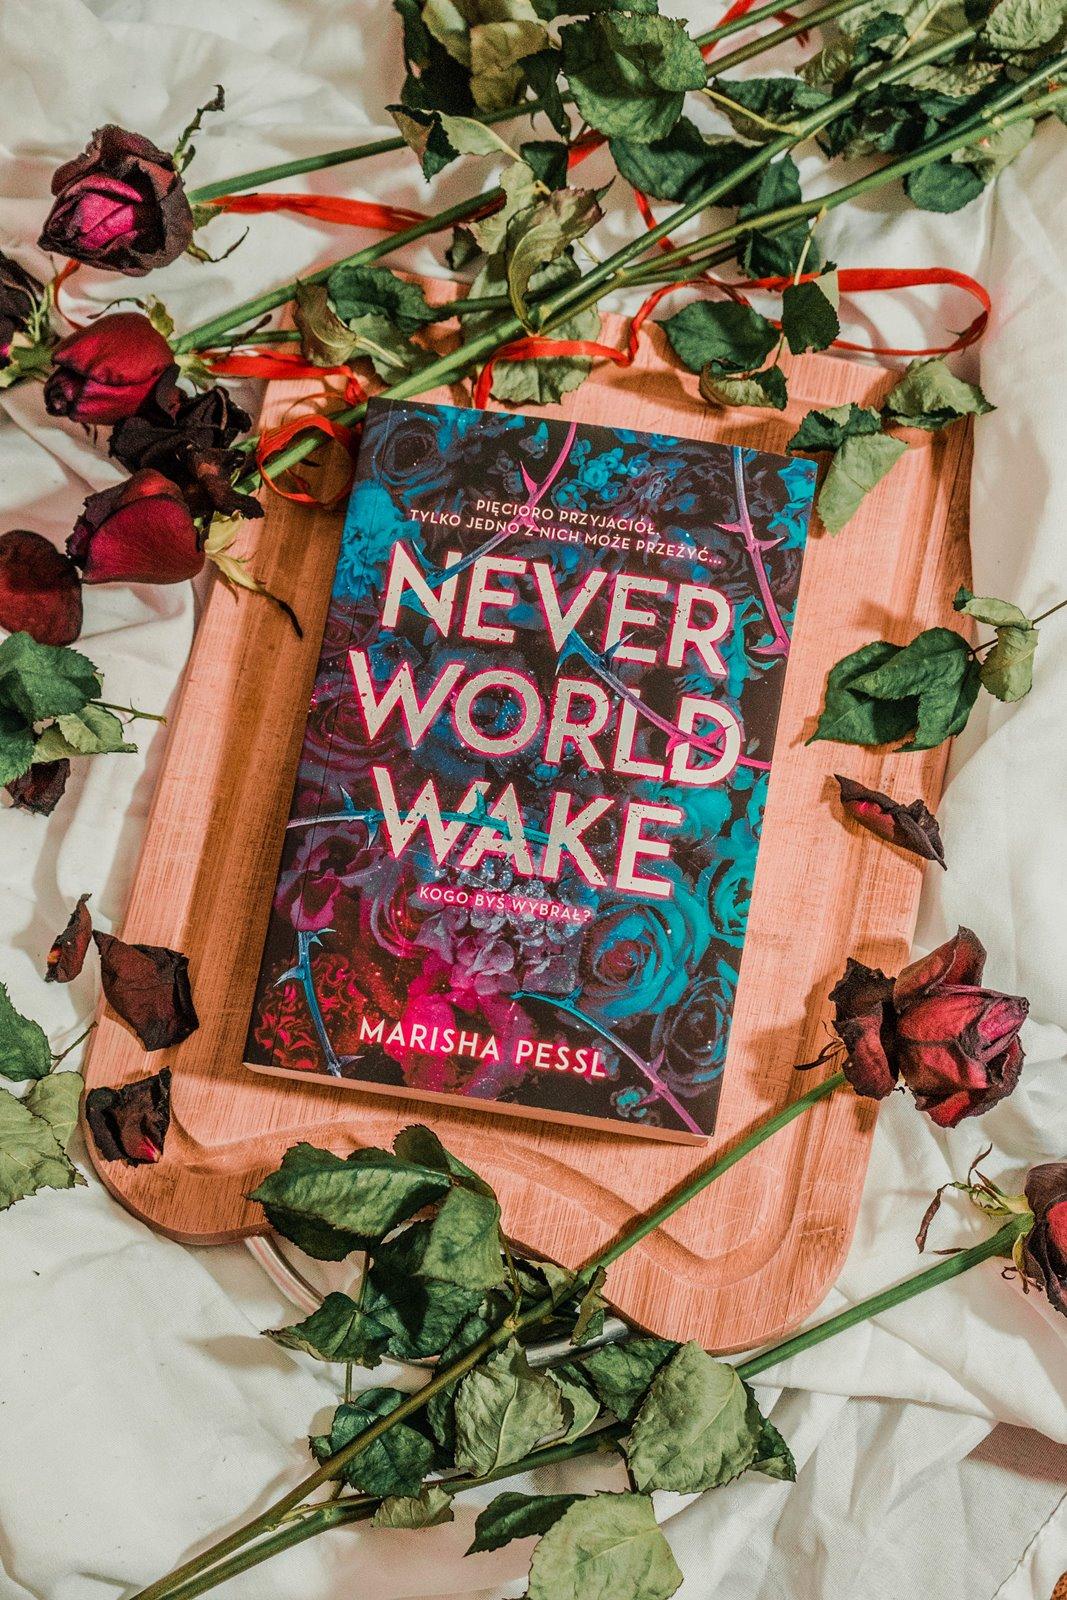 never world wake recenzja opinia książki godne polecenia co przeczytać tej wiosny nowości ksiązkowe 2019 jaguar